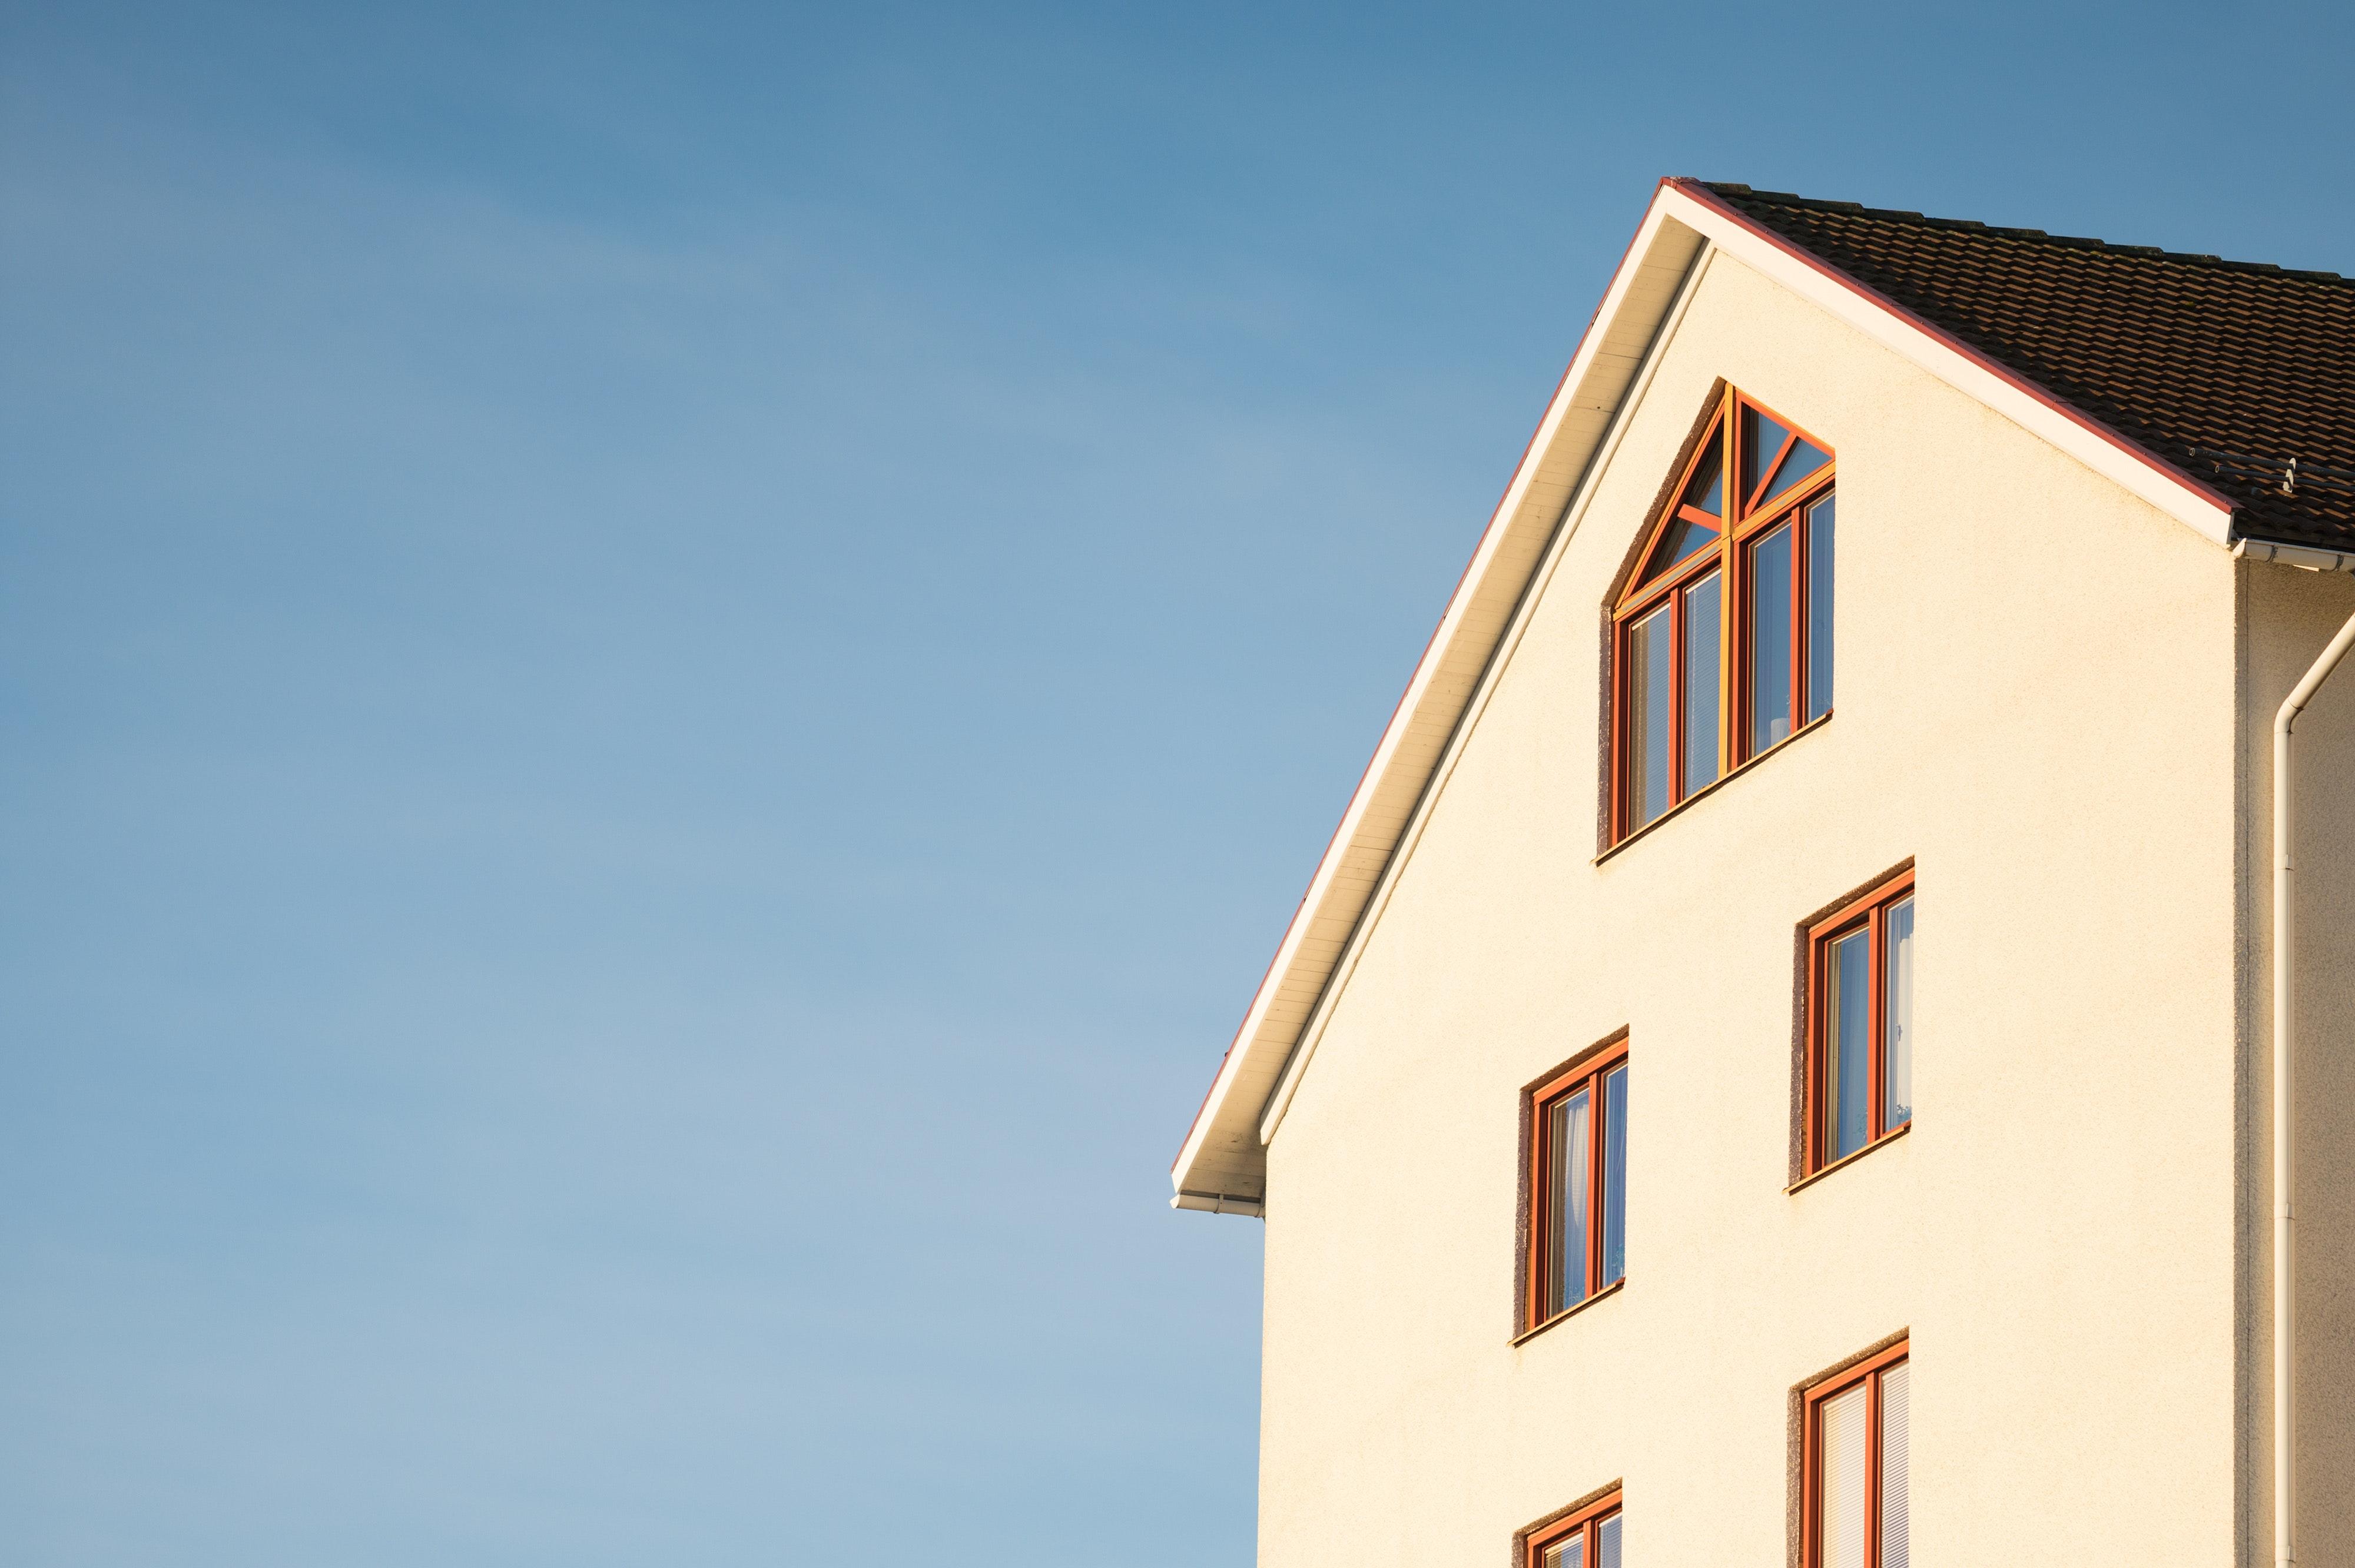 Fasaderstvo je priljubljeno področje